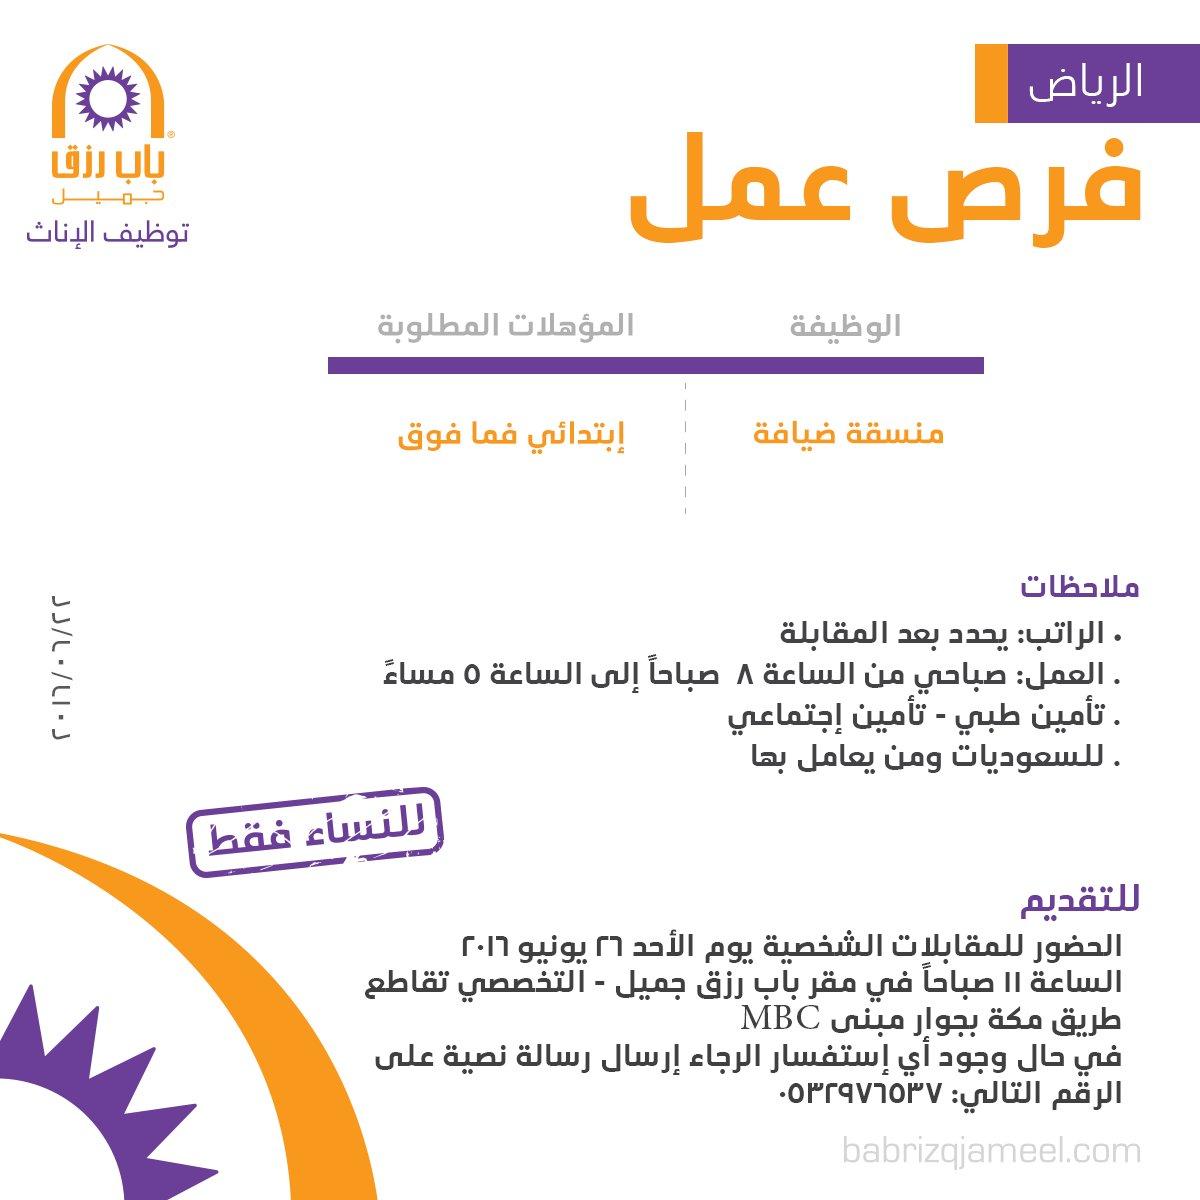 غدا الأحد التقديم على وظيفة منسقة ضيافة - الرياض